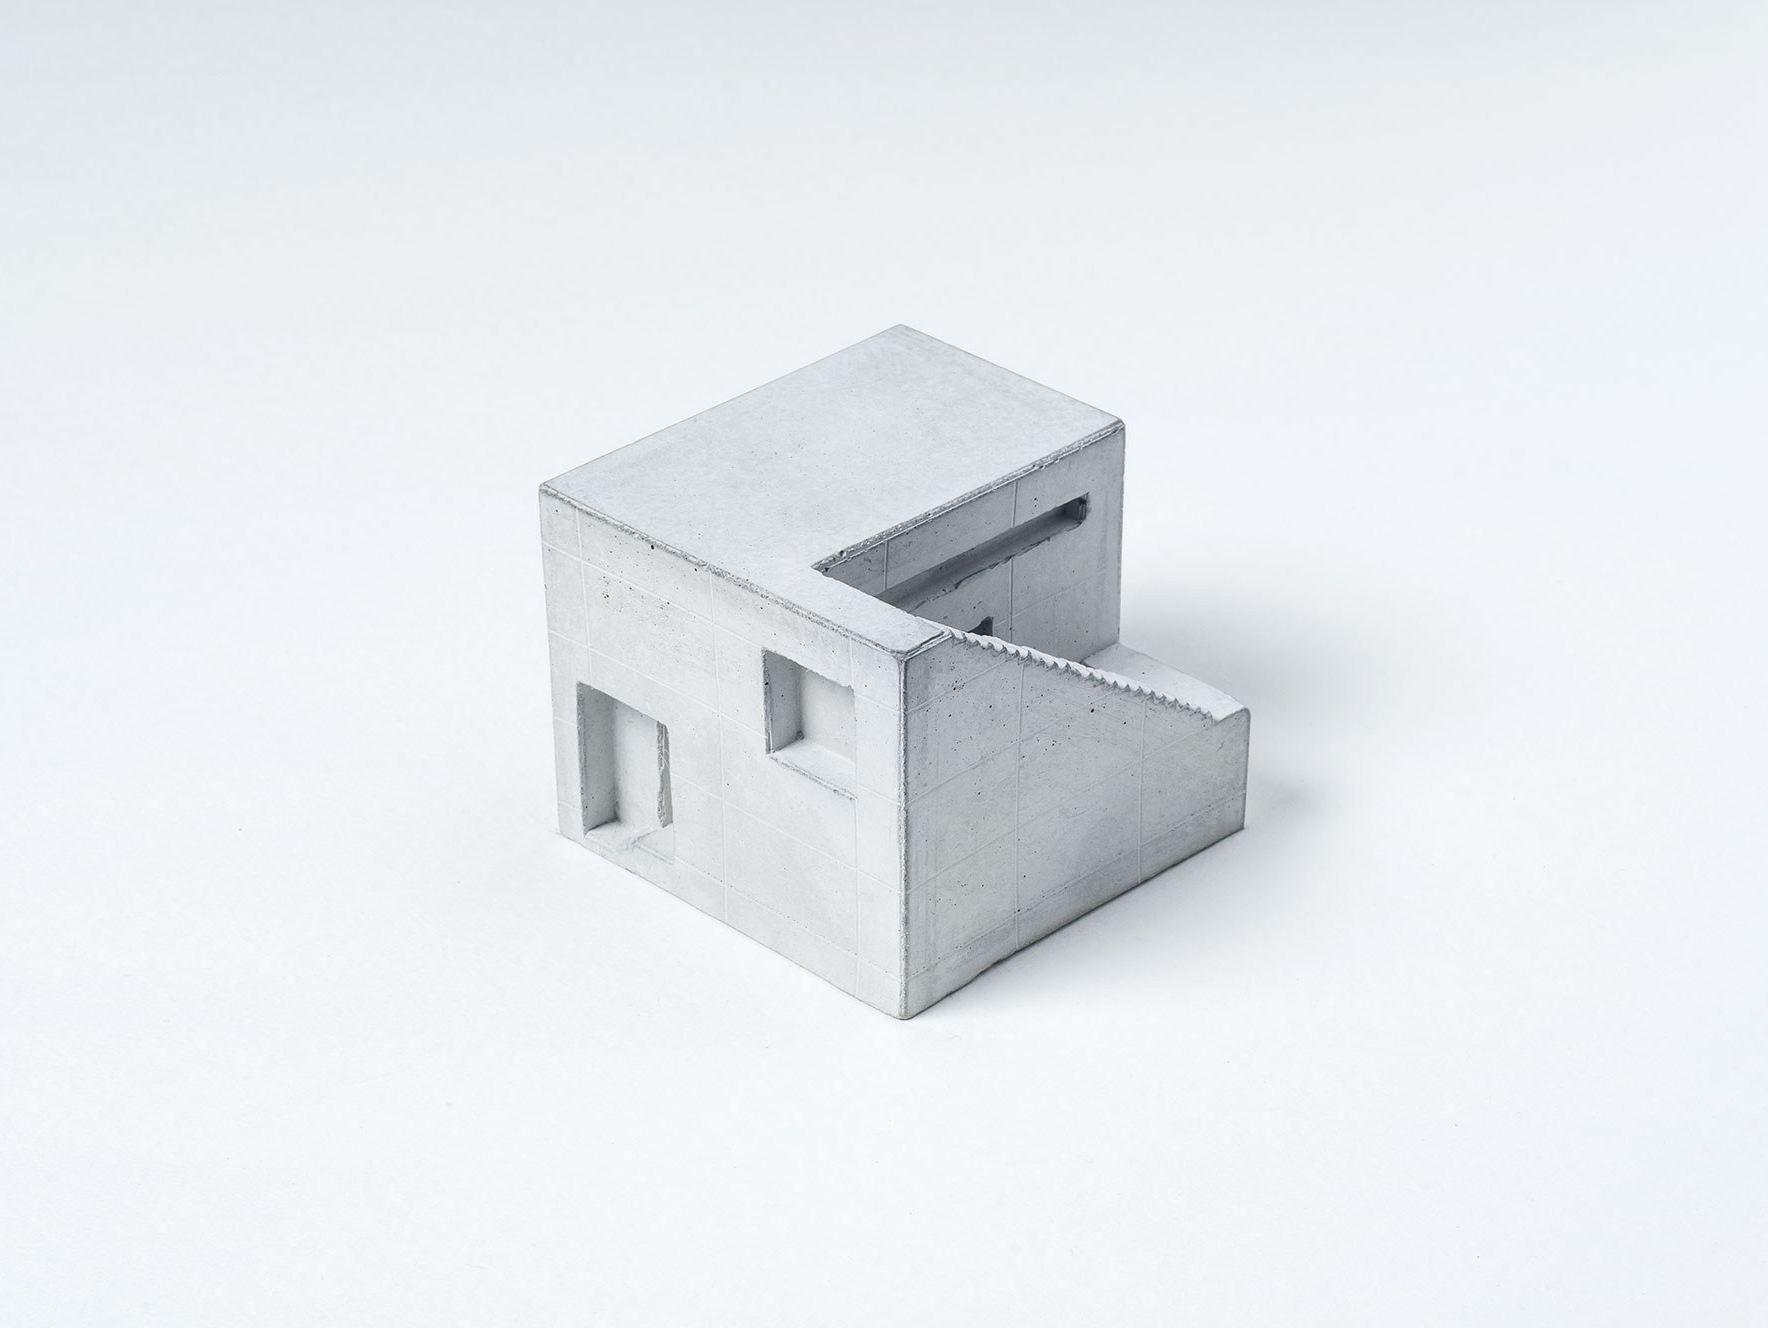 Modellino architettonico in calcestruzzo miniature for Design architettonico gratuito